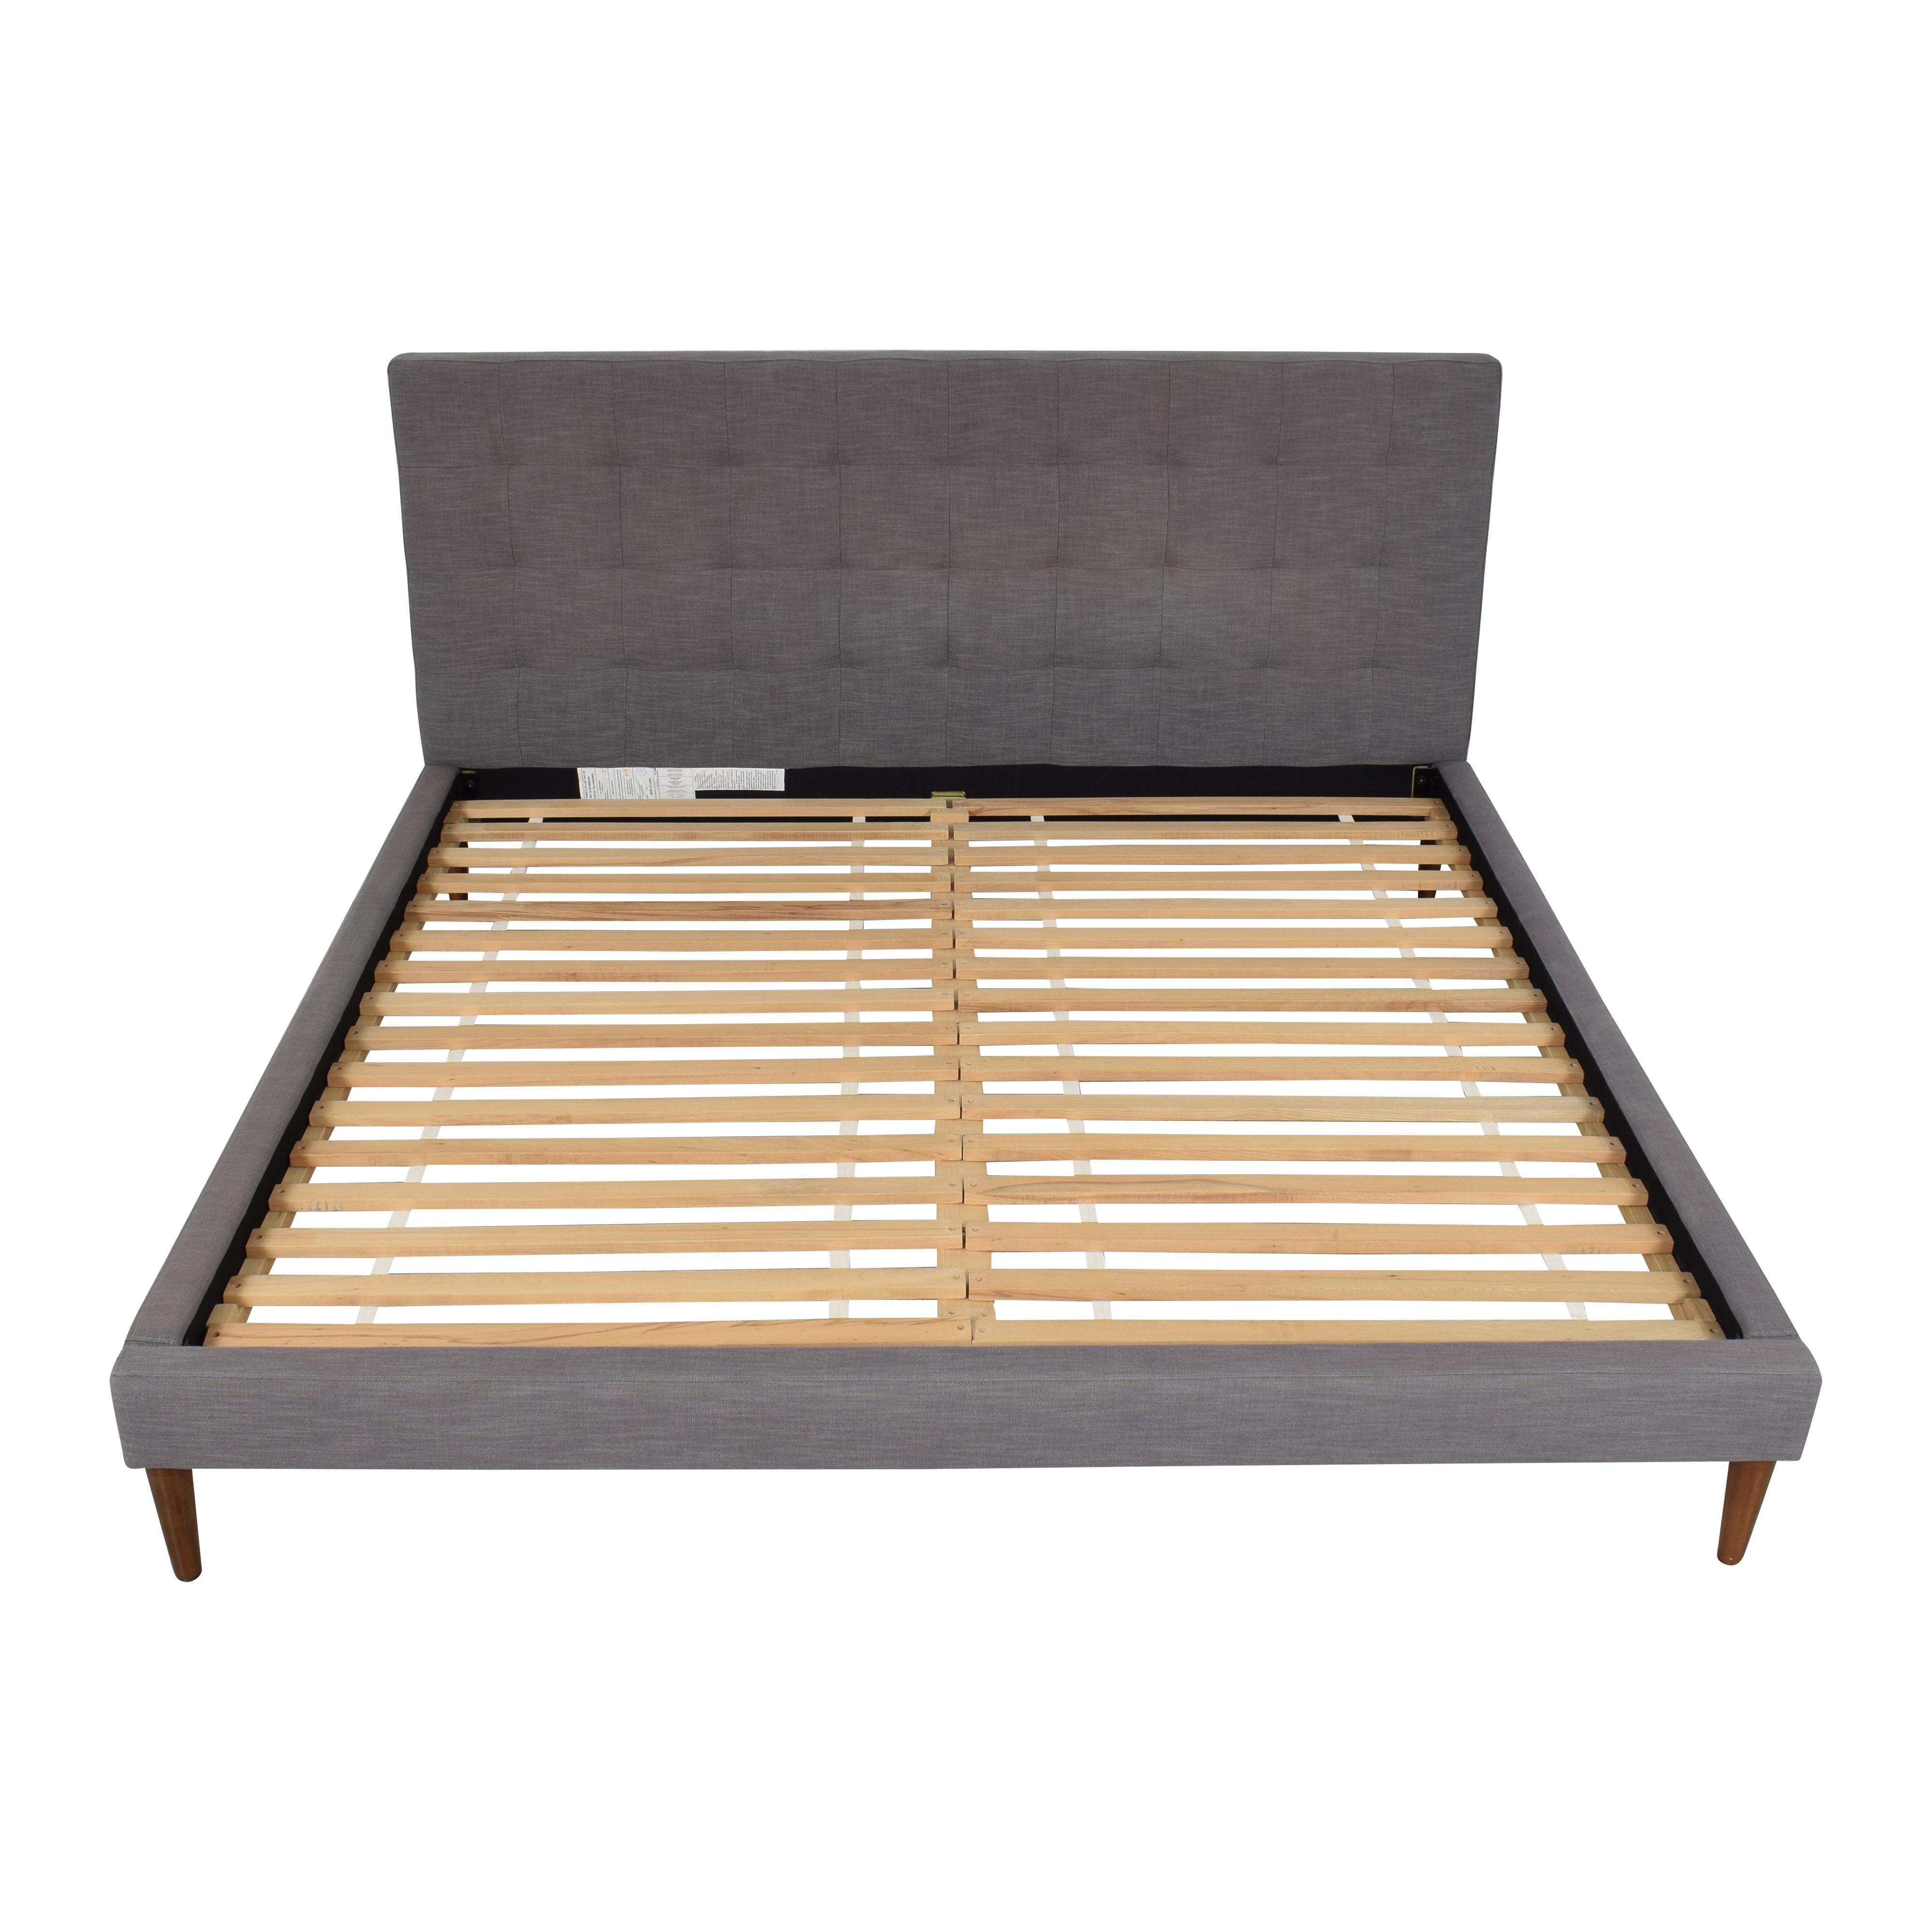 West Elm Grid-Tufted Upholstered Tapered Leg King Bed / Beds